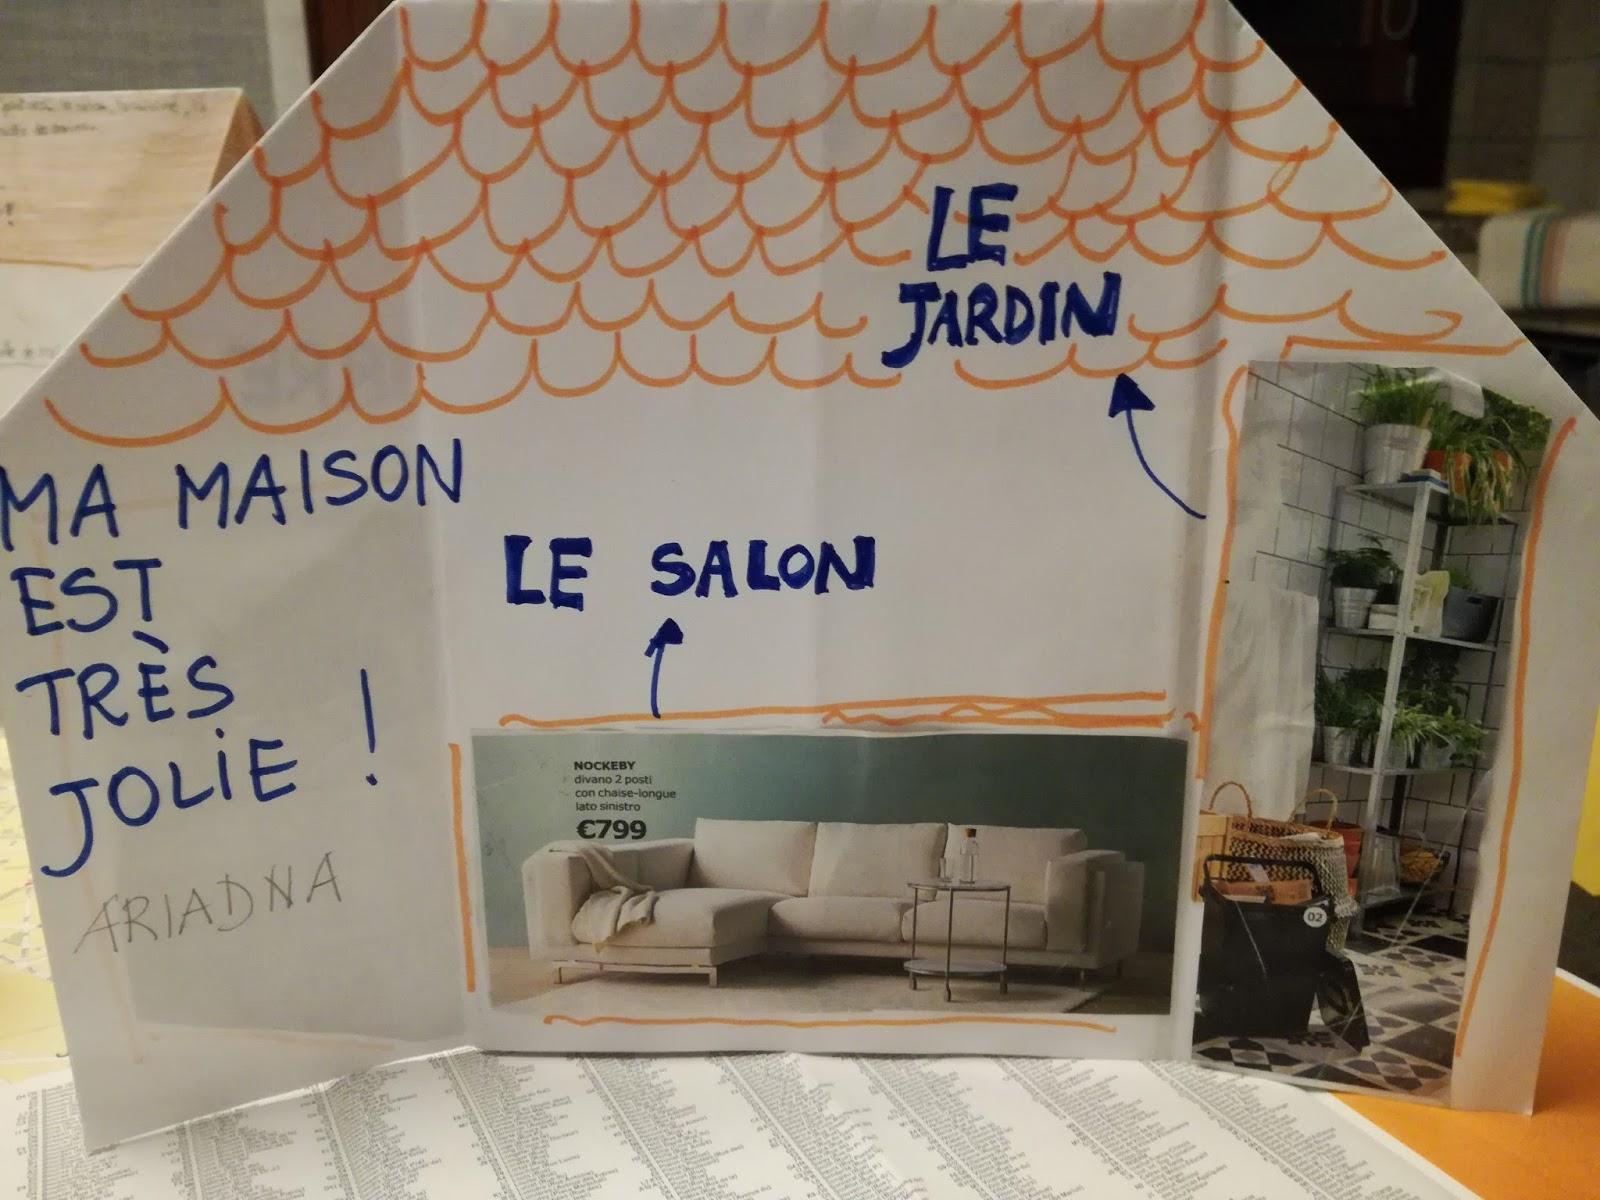 Parlo francese je d cris ma maison for Je dessine ma maison